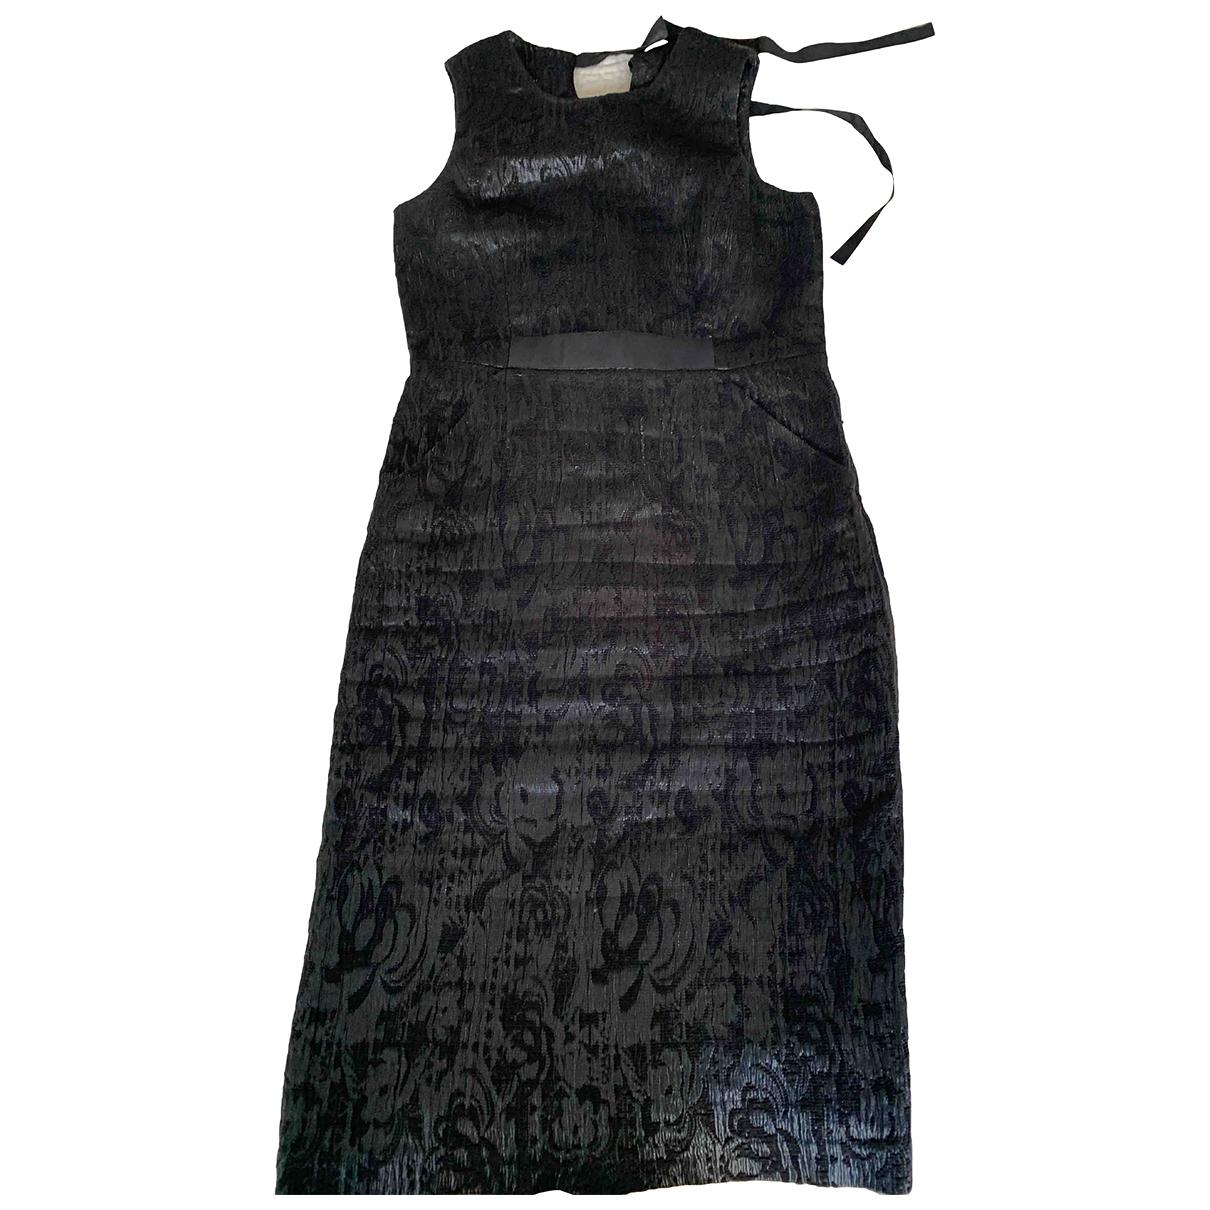 Ports 1961 \N Kleid in  Schwarz Polyester